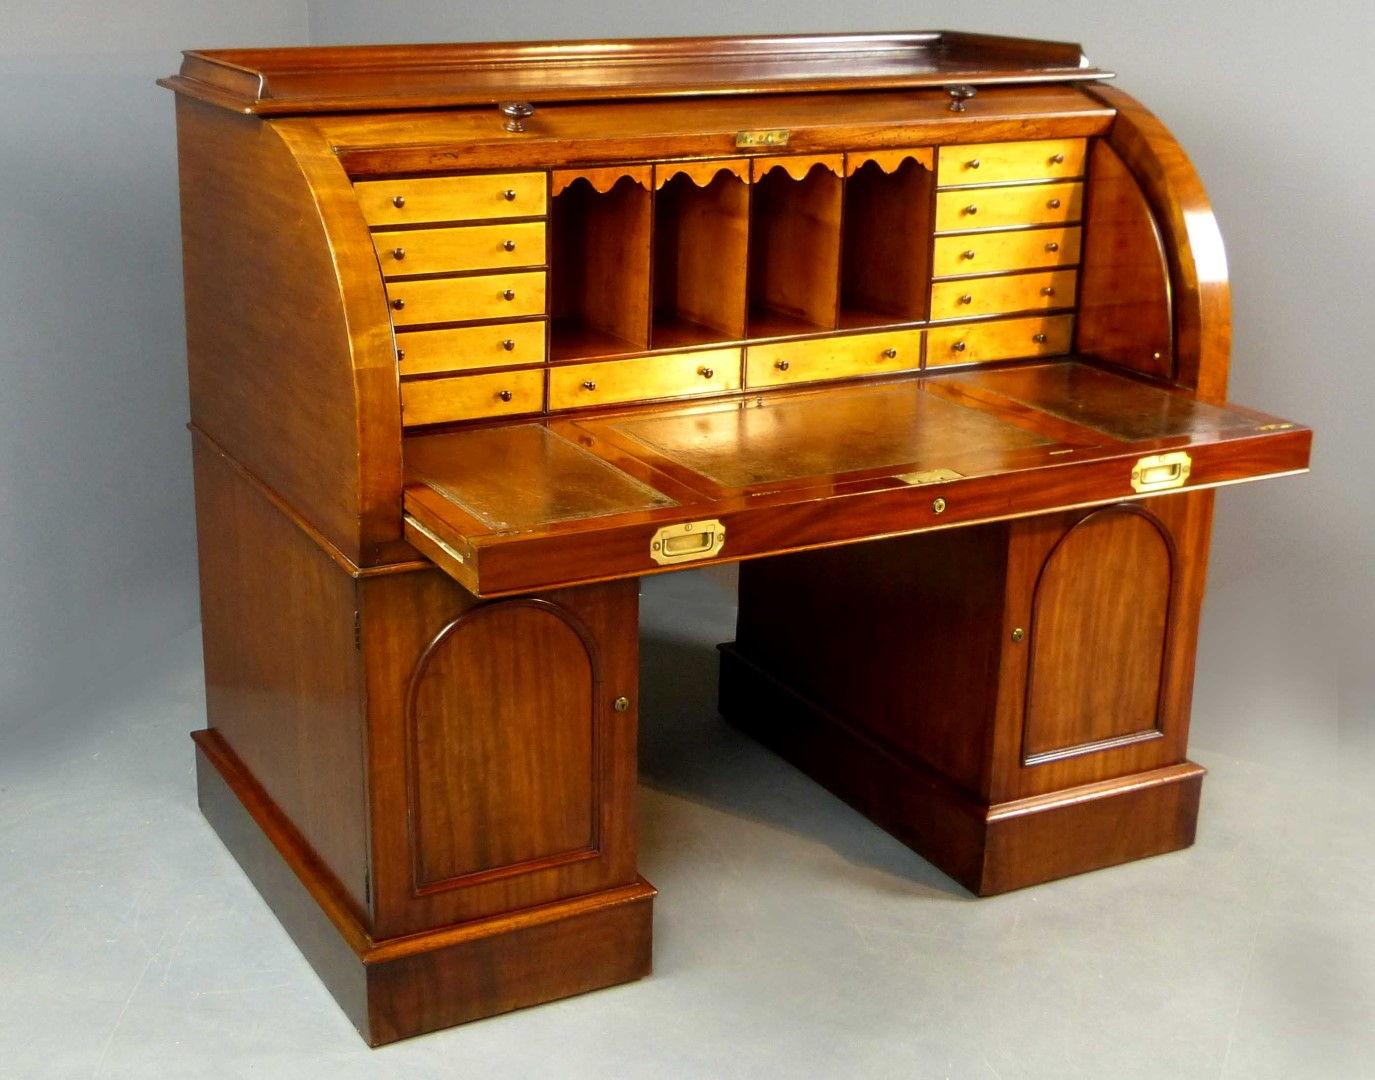 Muebles de caoba obtenga ideas dise o de muebles para su for Muebles escritorios clasicos